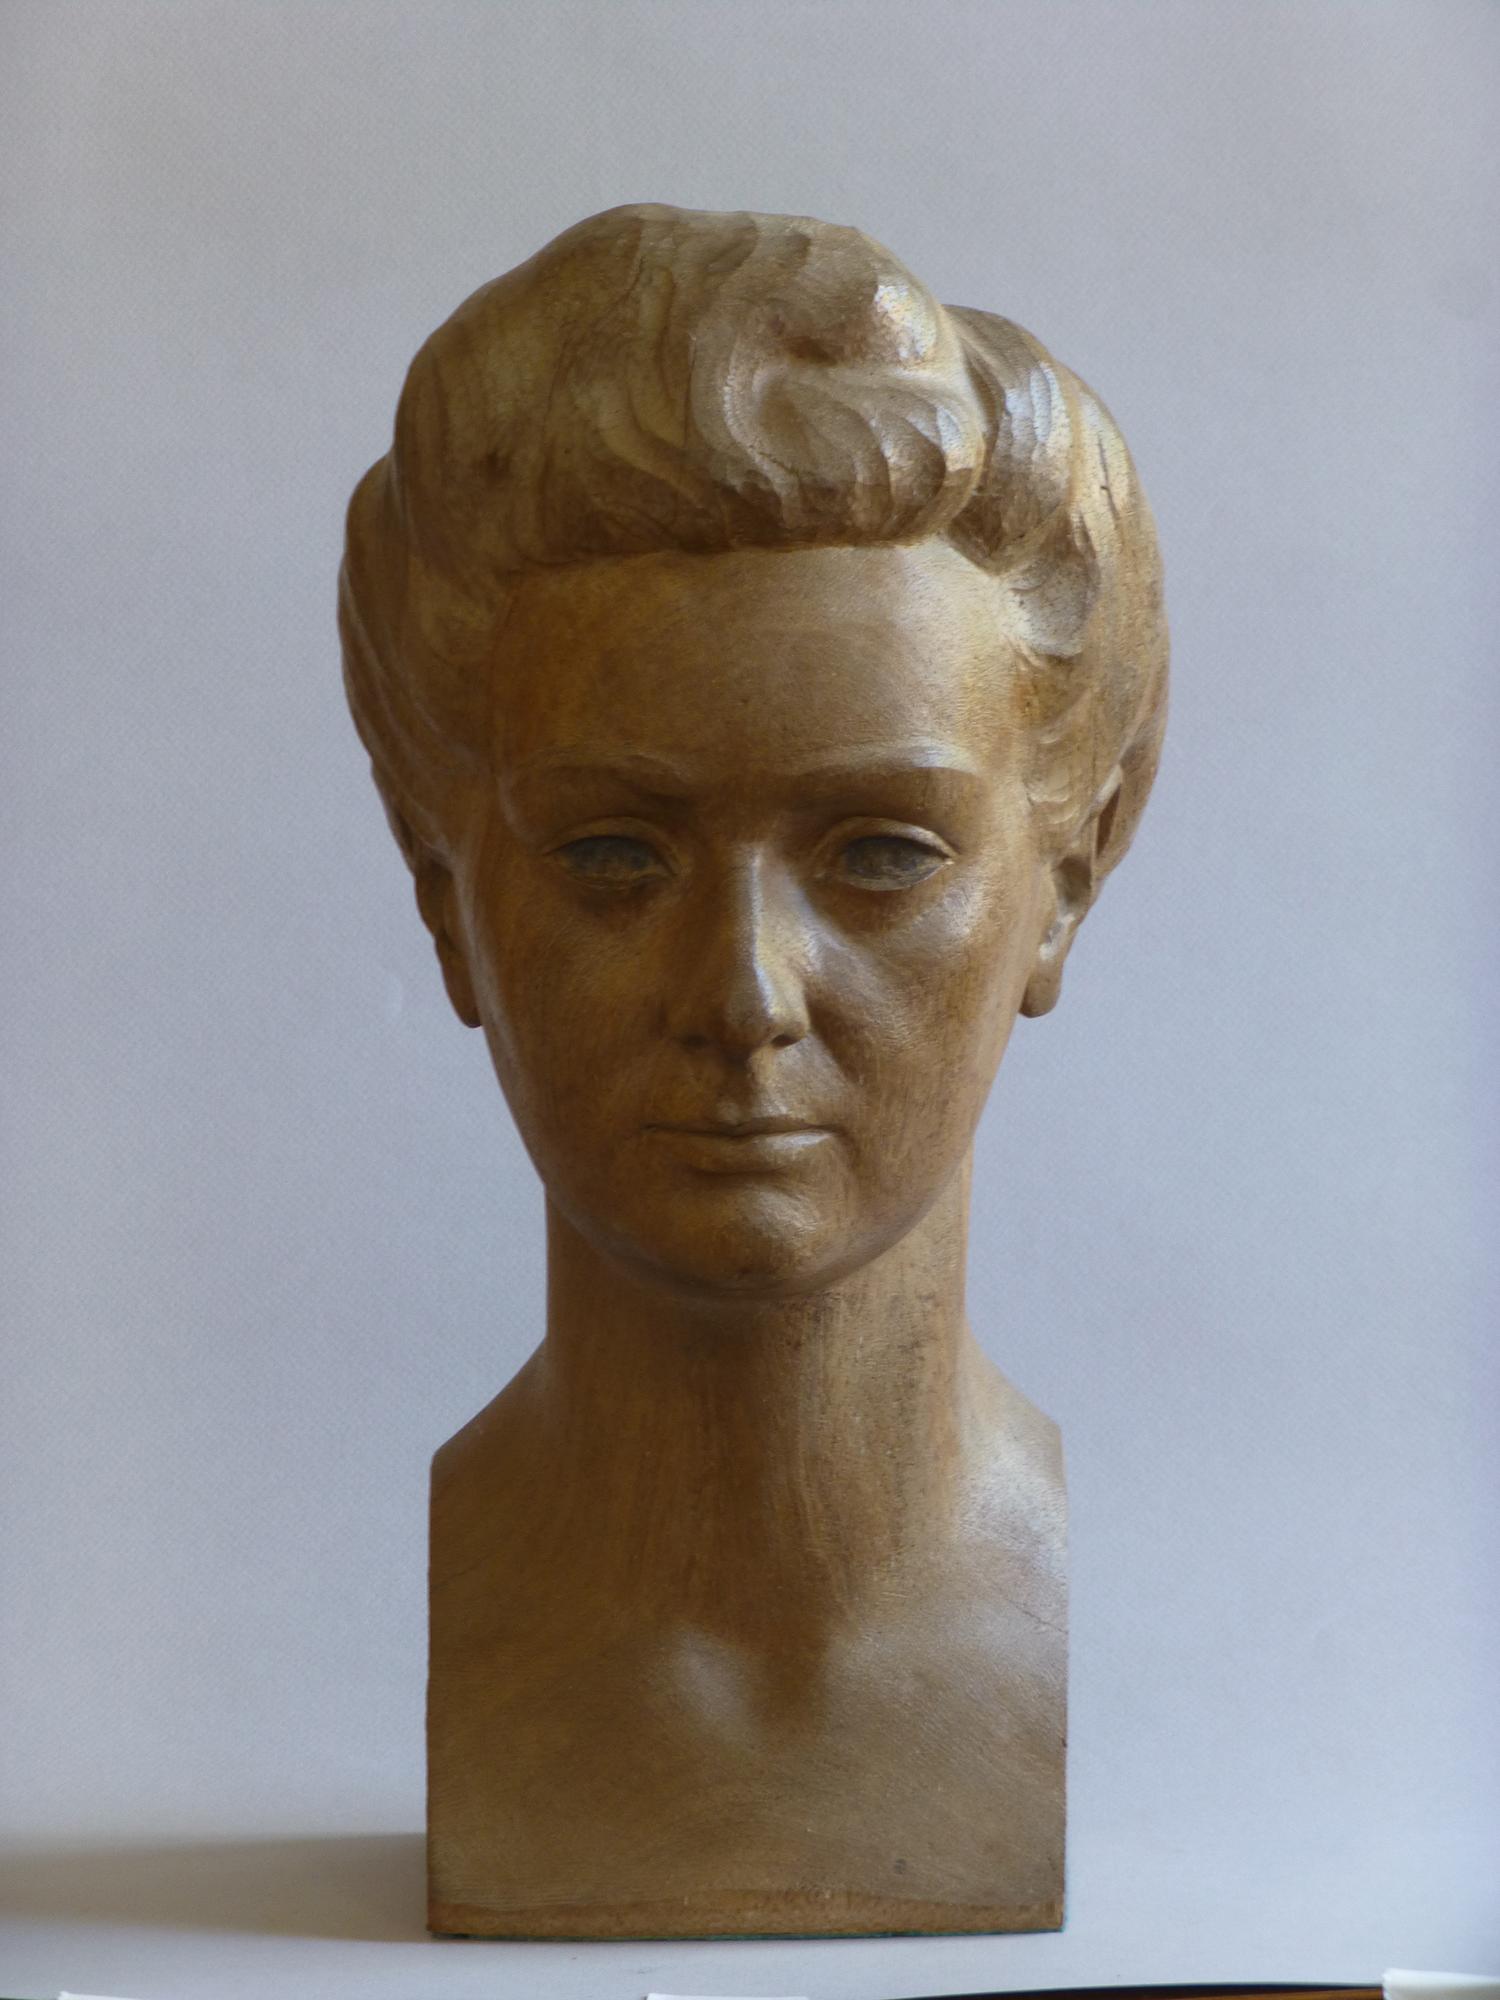 1943.5. Busto de su mujer Ana Mª Rodríguez Aragón, Madera de eneldo, 43x22x23 cm.